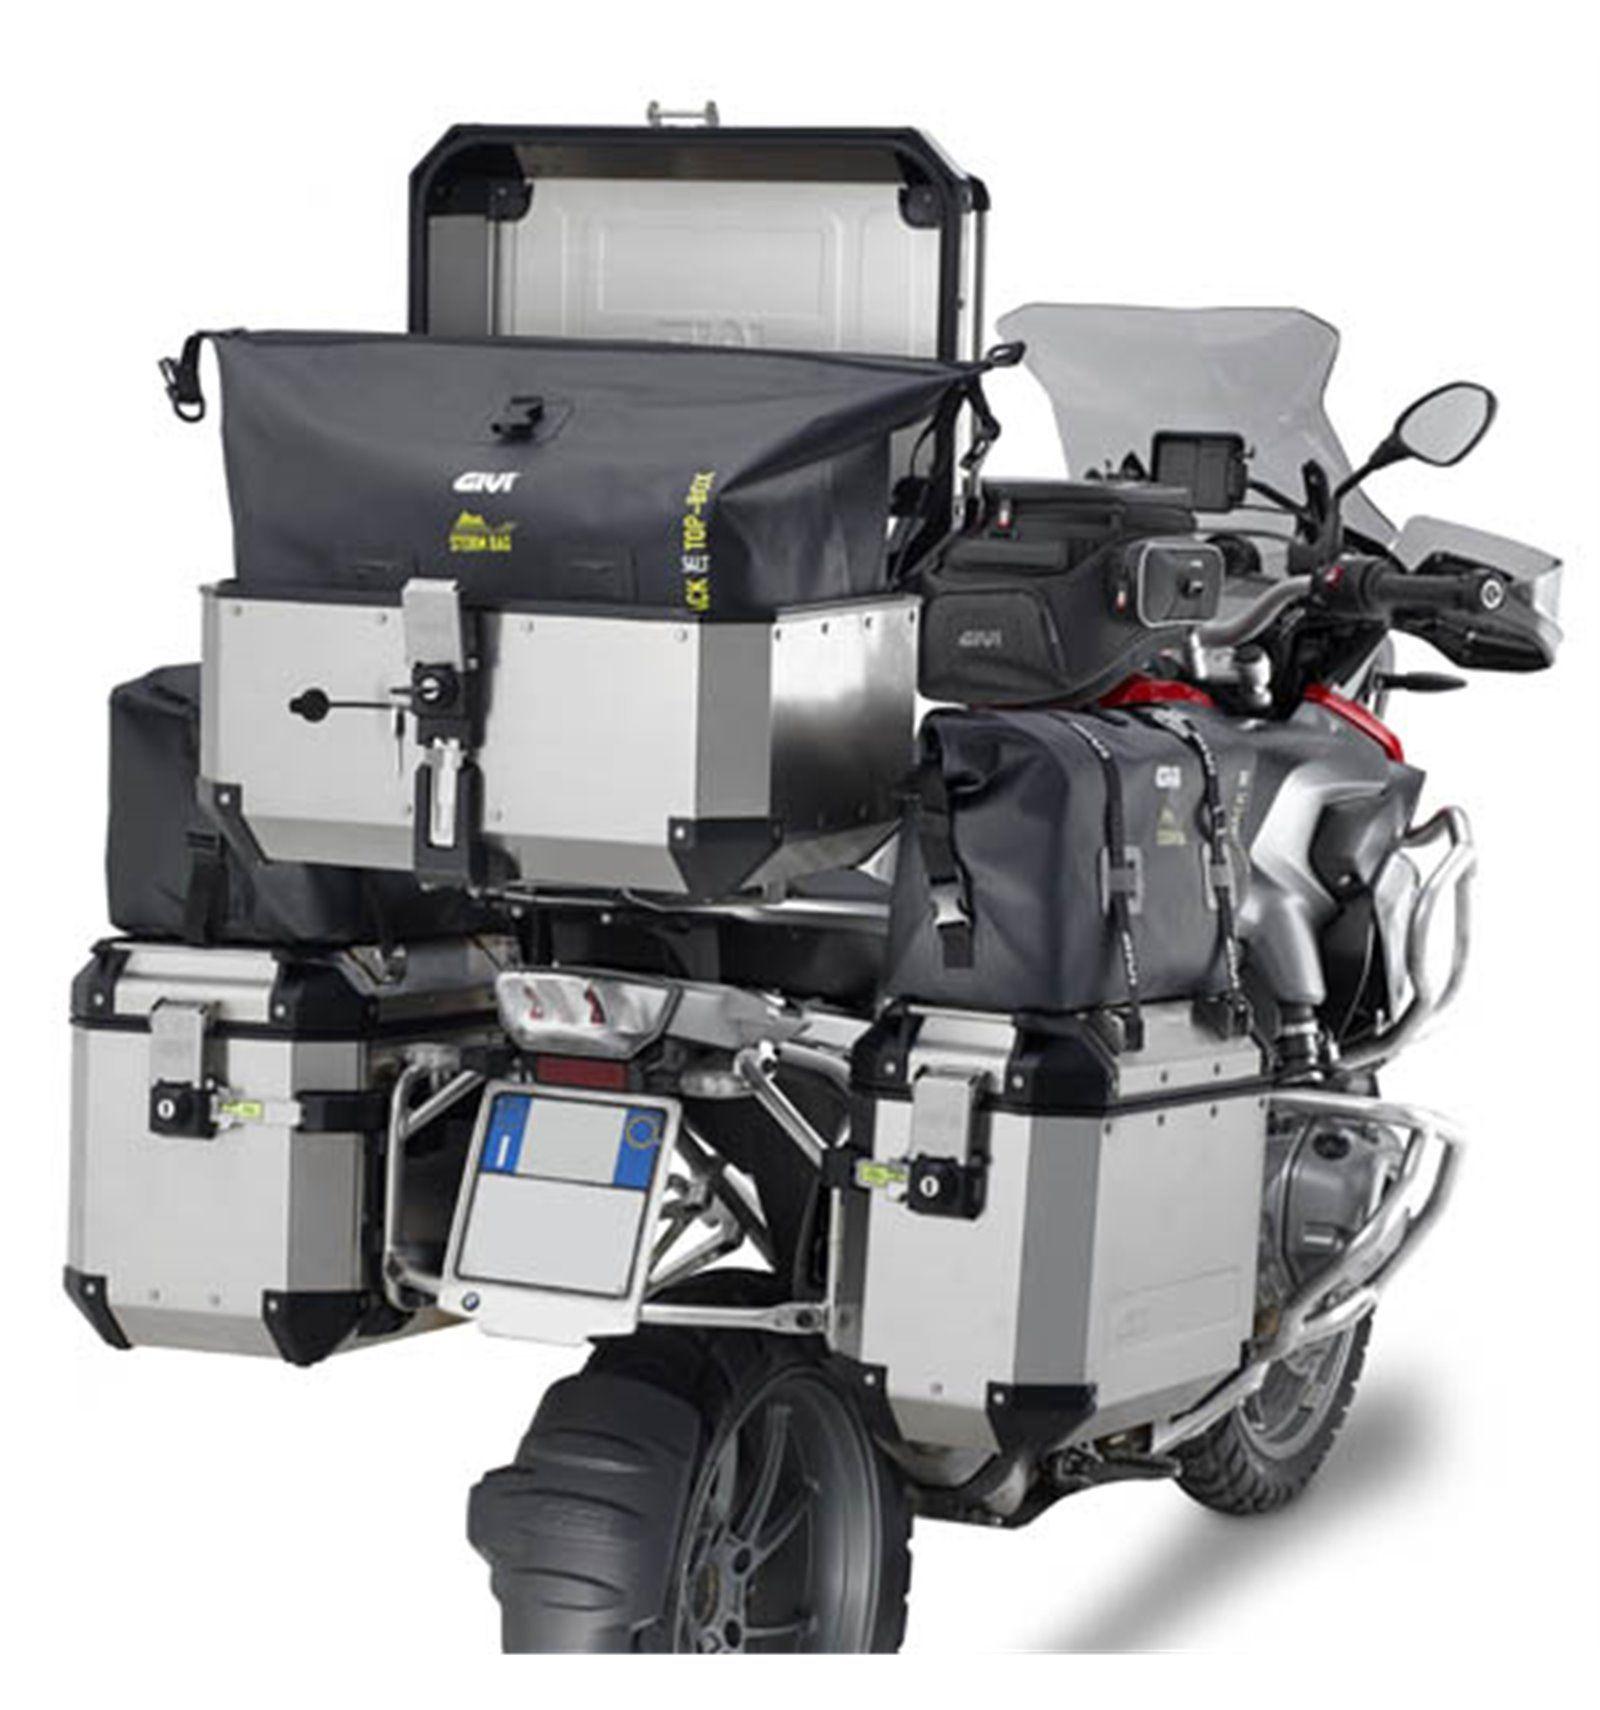 Bolsa Interna para Bauleto Trekker OBK58 T512 Givi